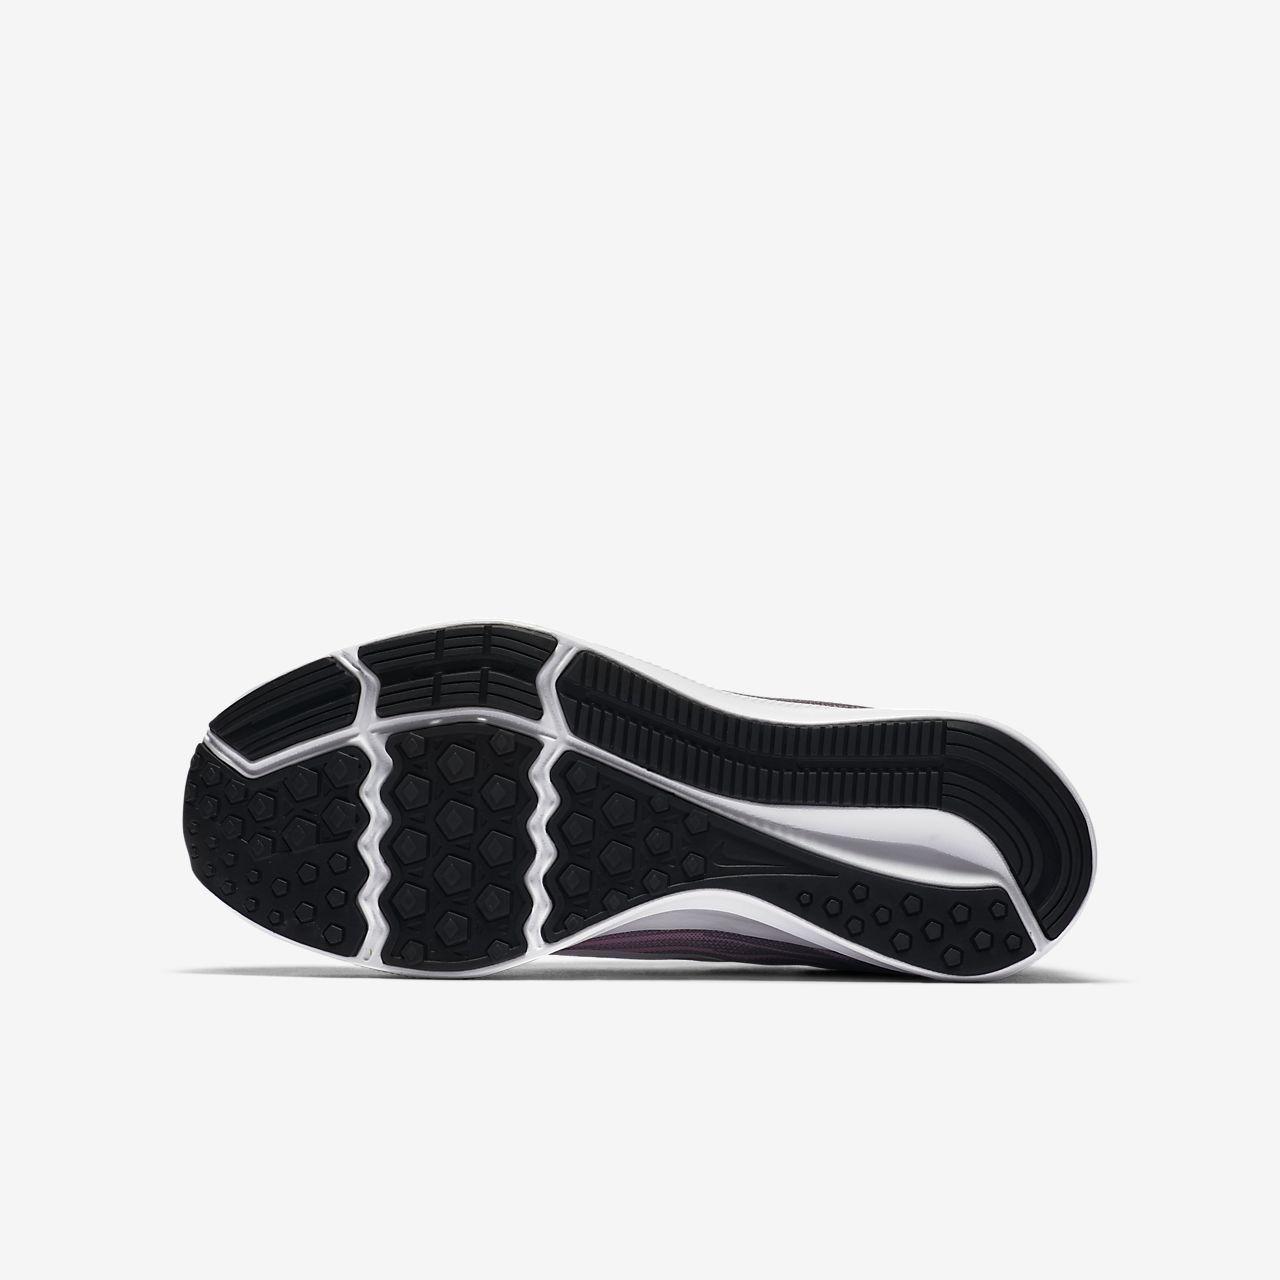 new arrival bfa16 5434f ... Chaussure de running Nike Downshifter 8 pour Enfant plus âgé